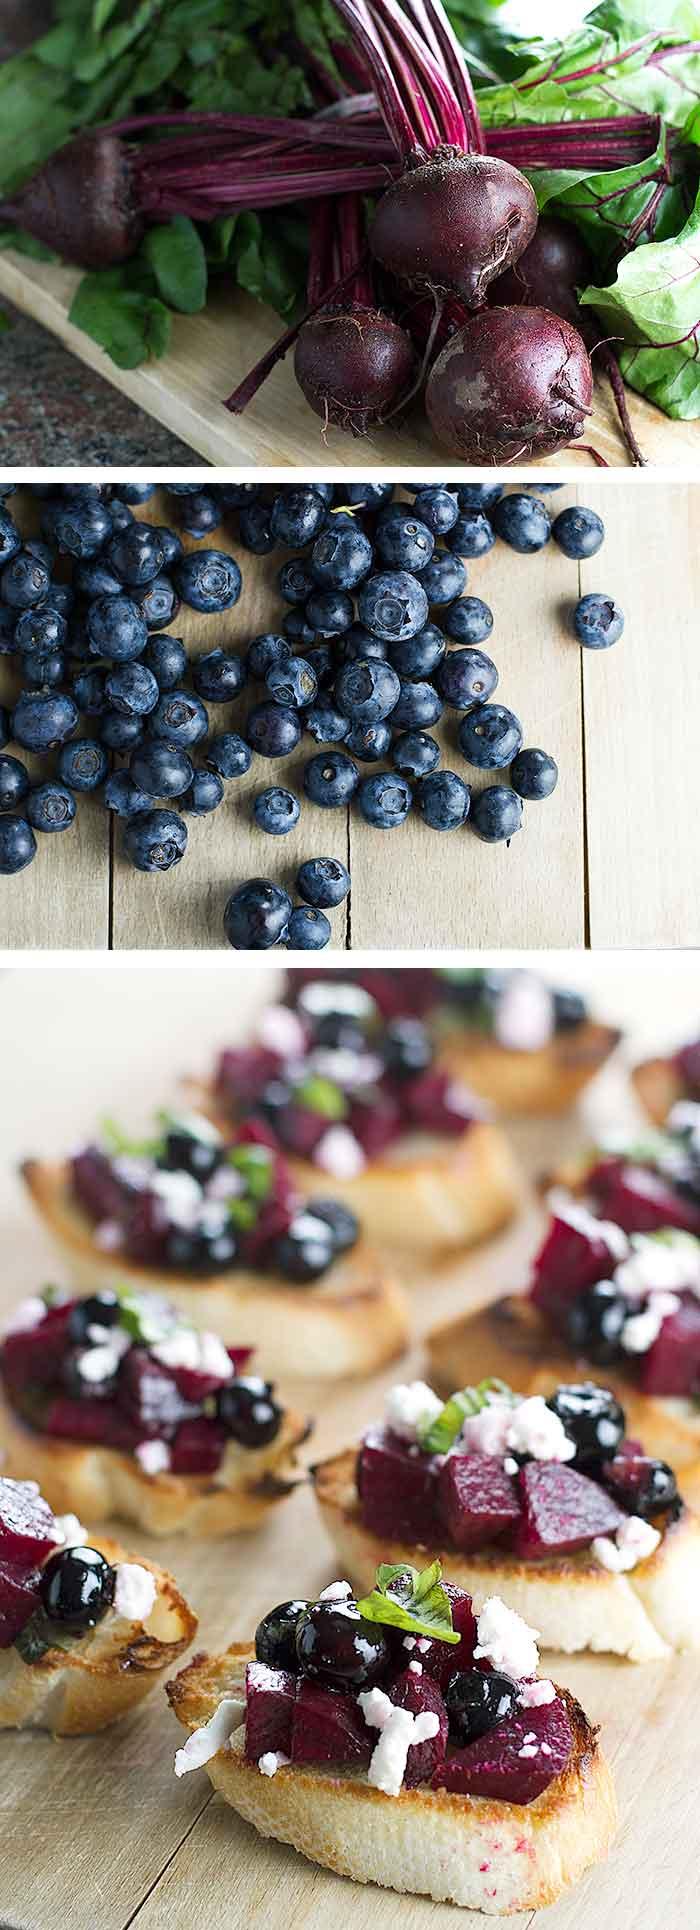 Beet and Blueberry Bruschetta   girlgonegourmet.com